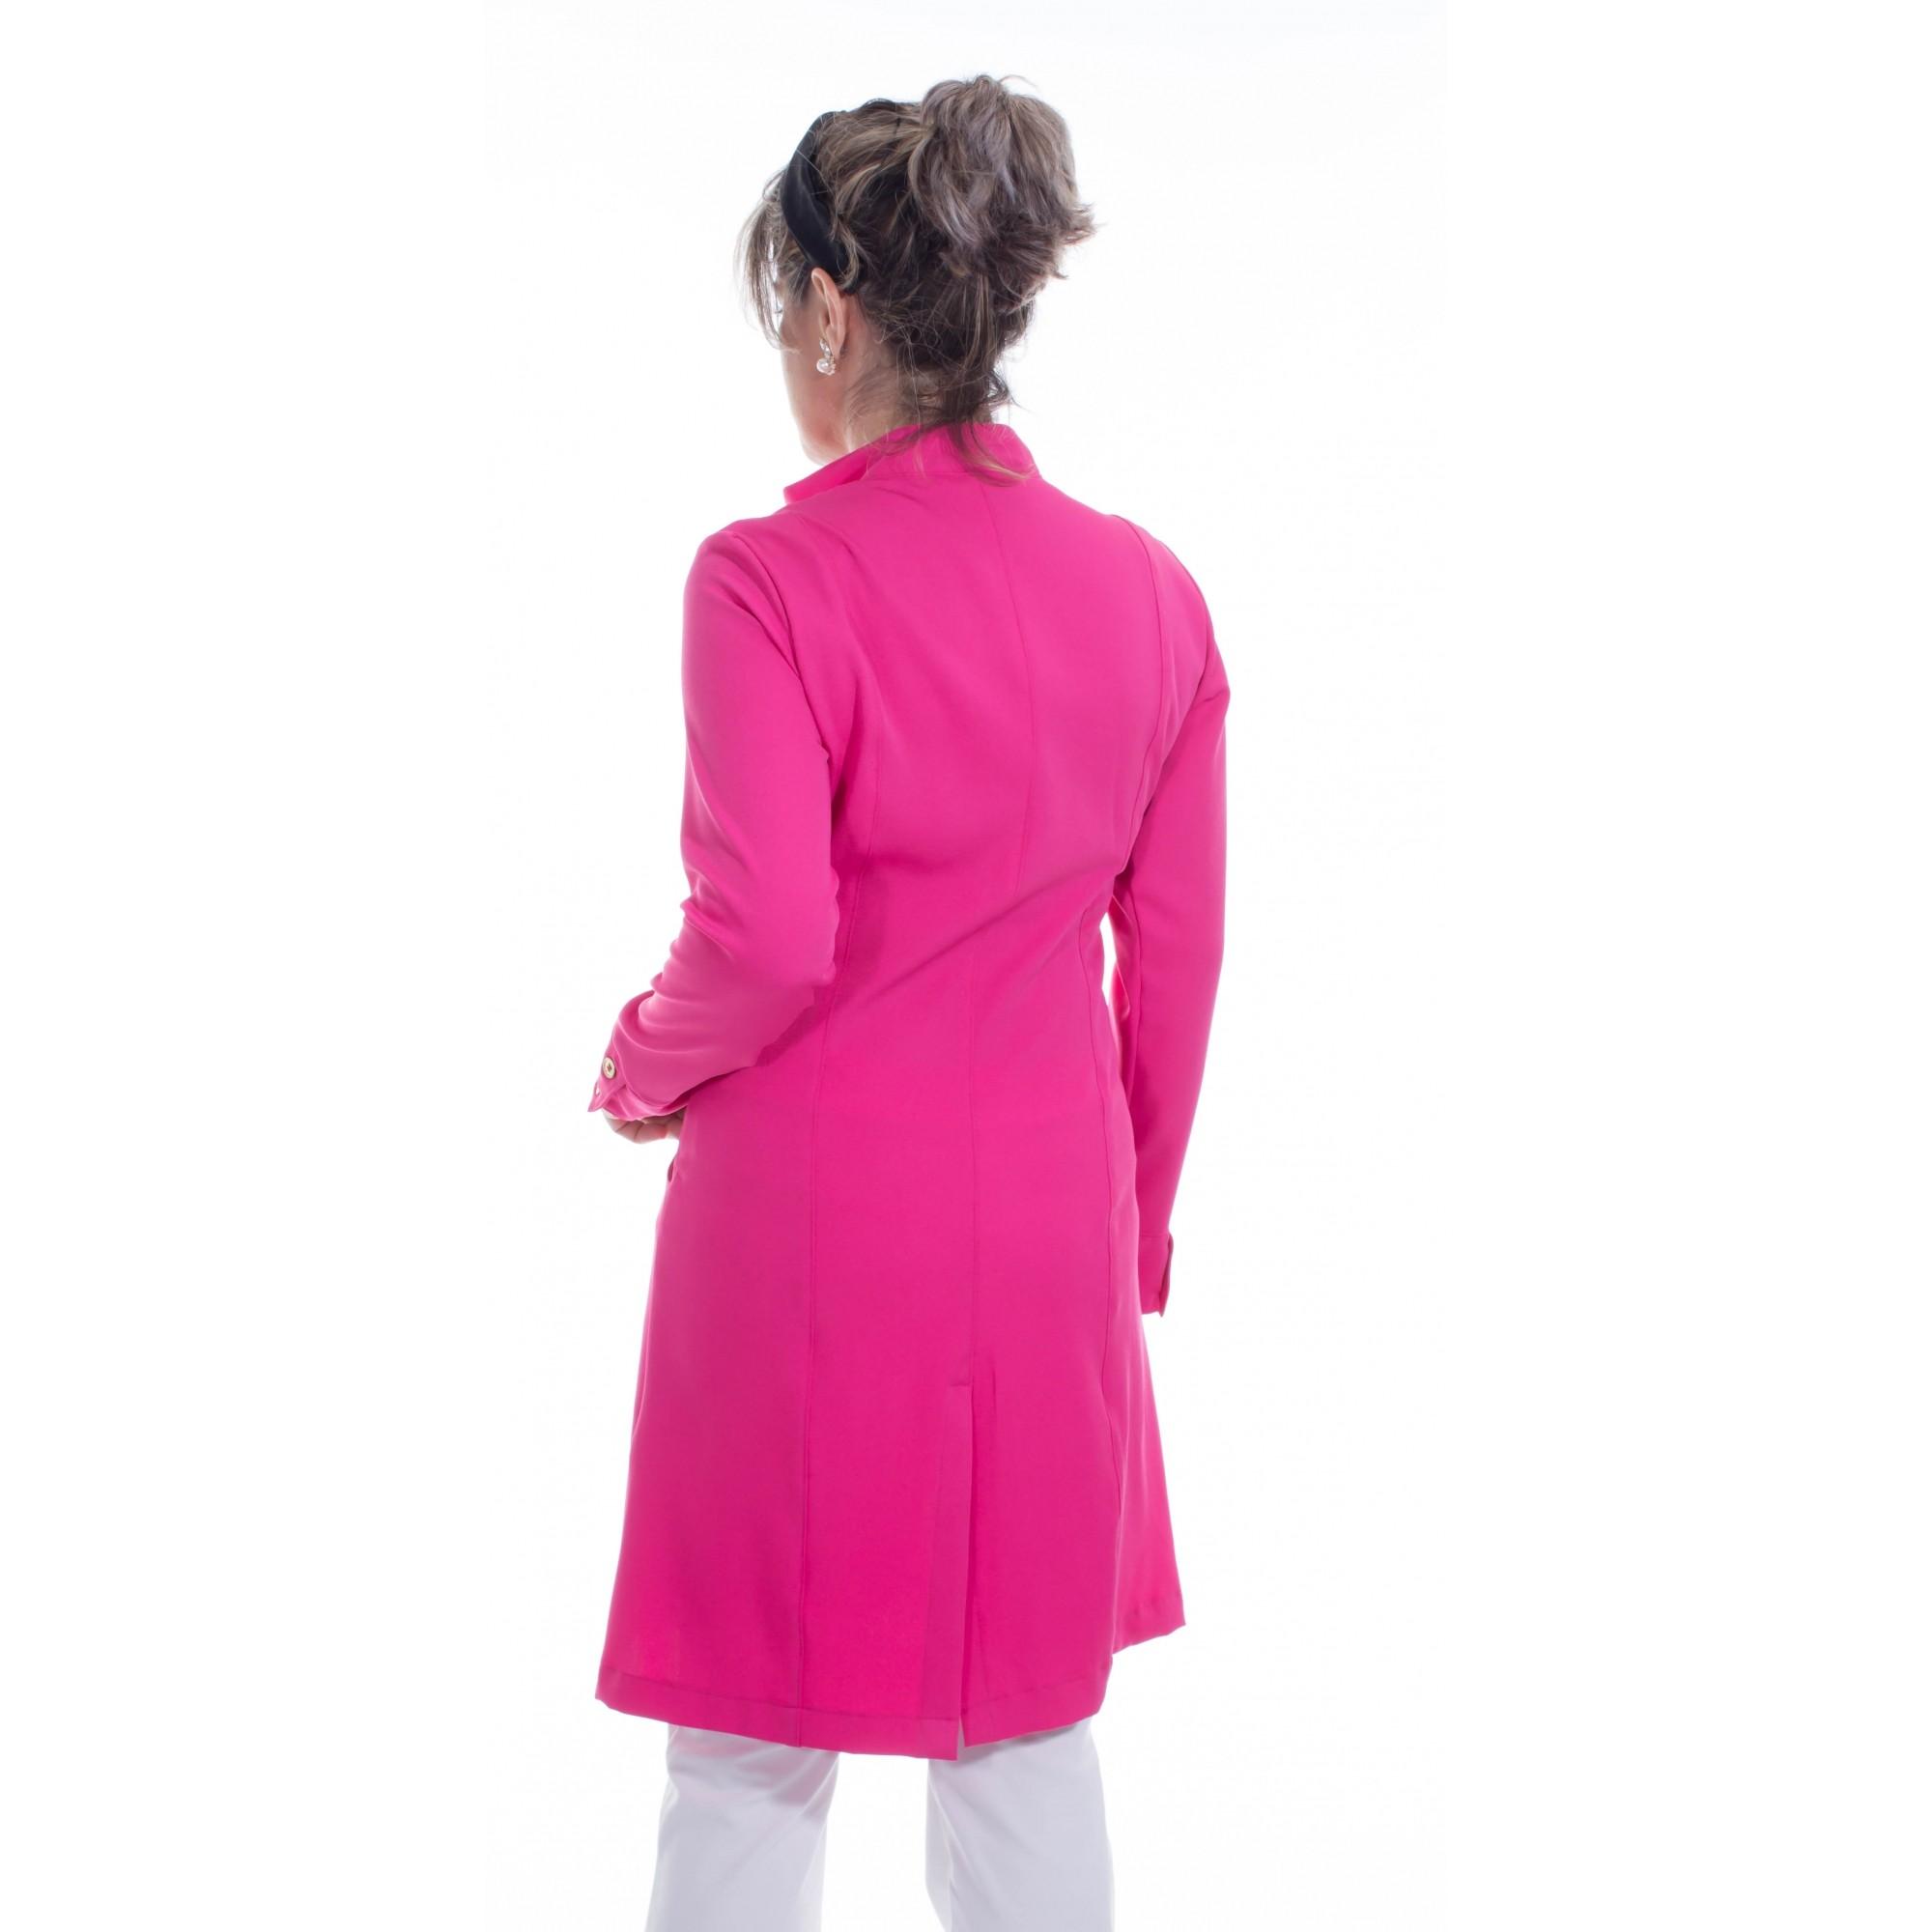 Jaleco feminino com gola de padre - Modelo Dhara Pink  - Inform Jalecos